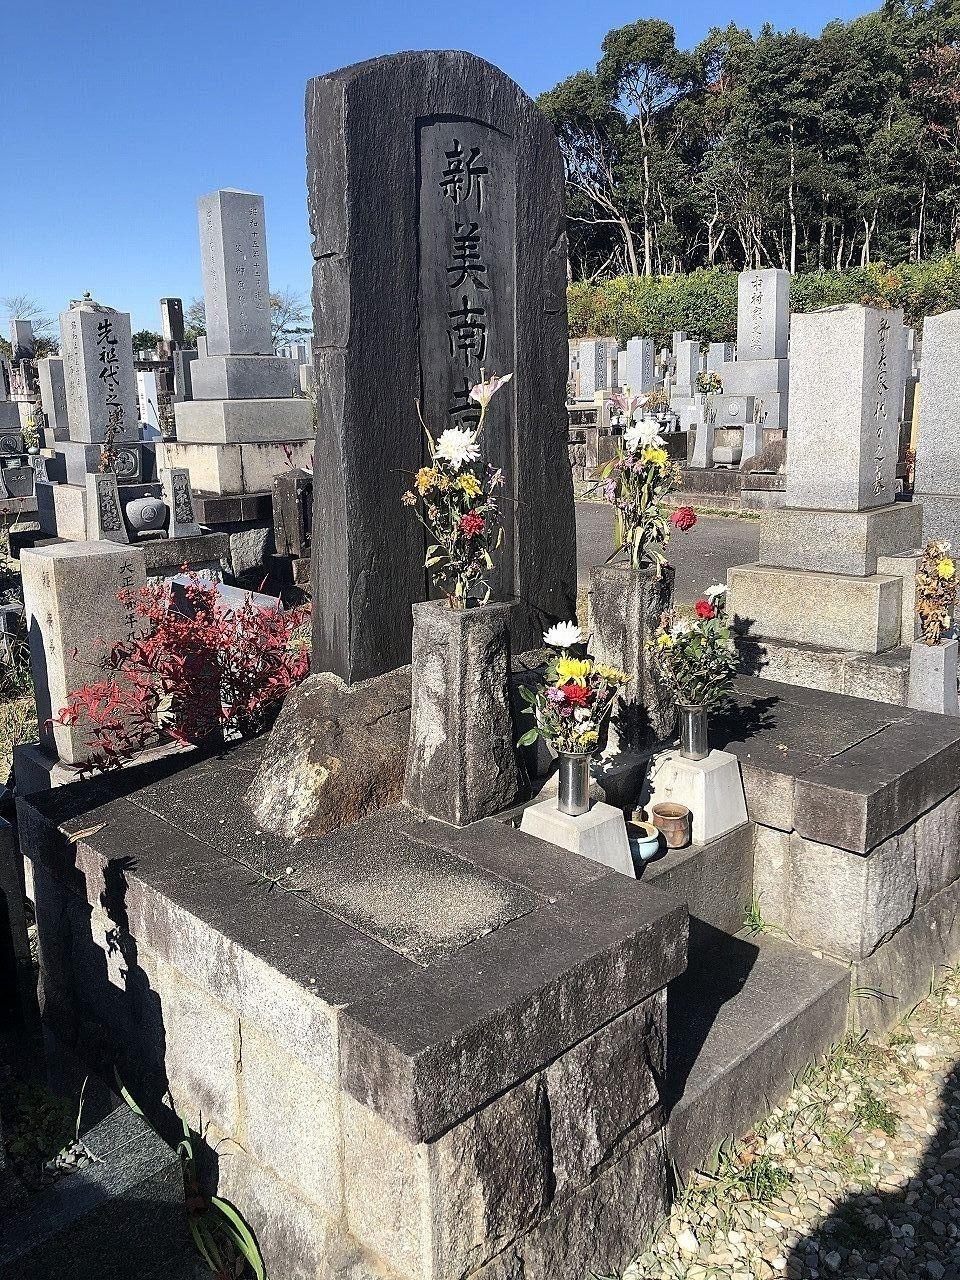 児童文学者新美南吉の墓は昭和35年に半田市柊町にある北谷墓地に建てられました。